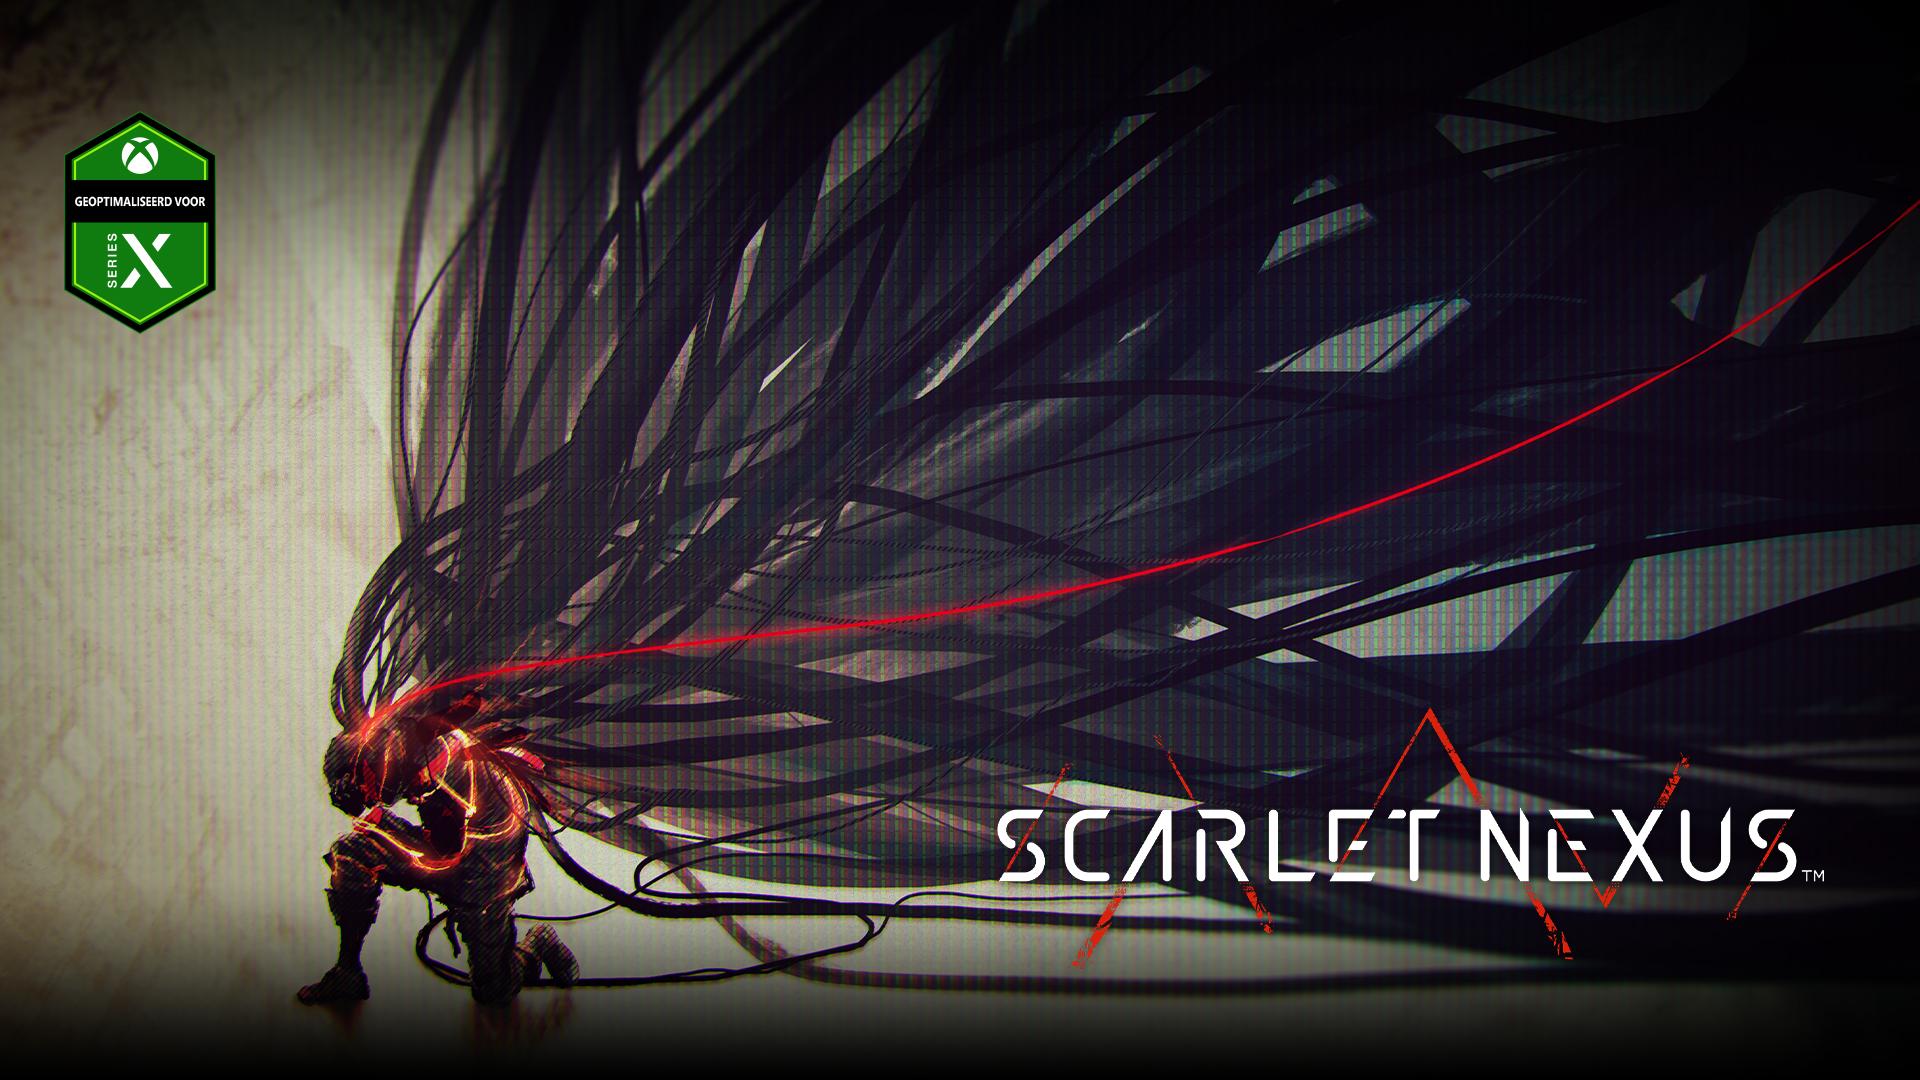 Scarlet Nexus, geoptimaliseerd voor Xbox Series X, Een man met grote haarachtige strengen die uit hem stromen, zit geknield